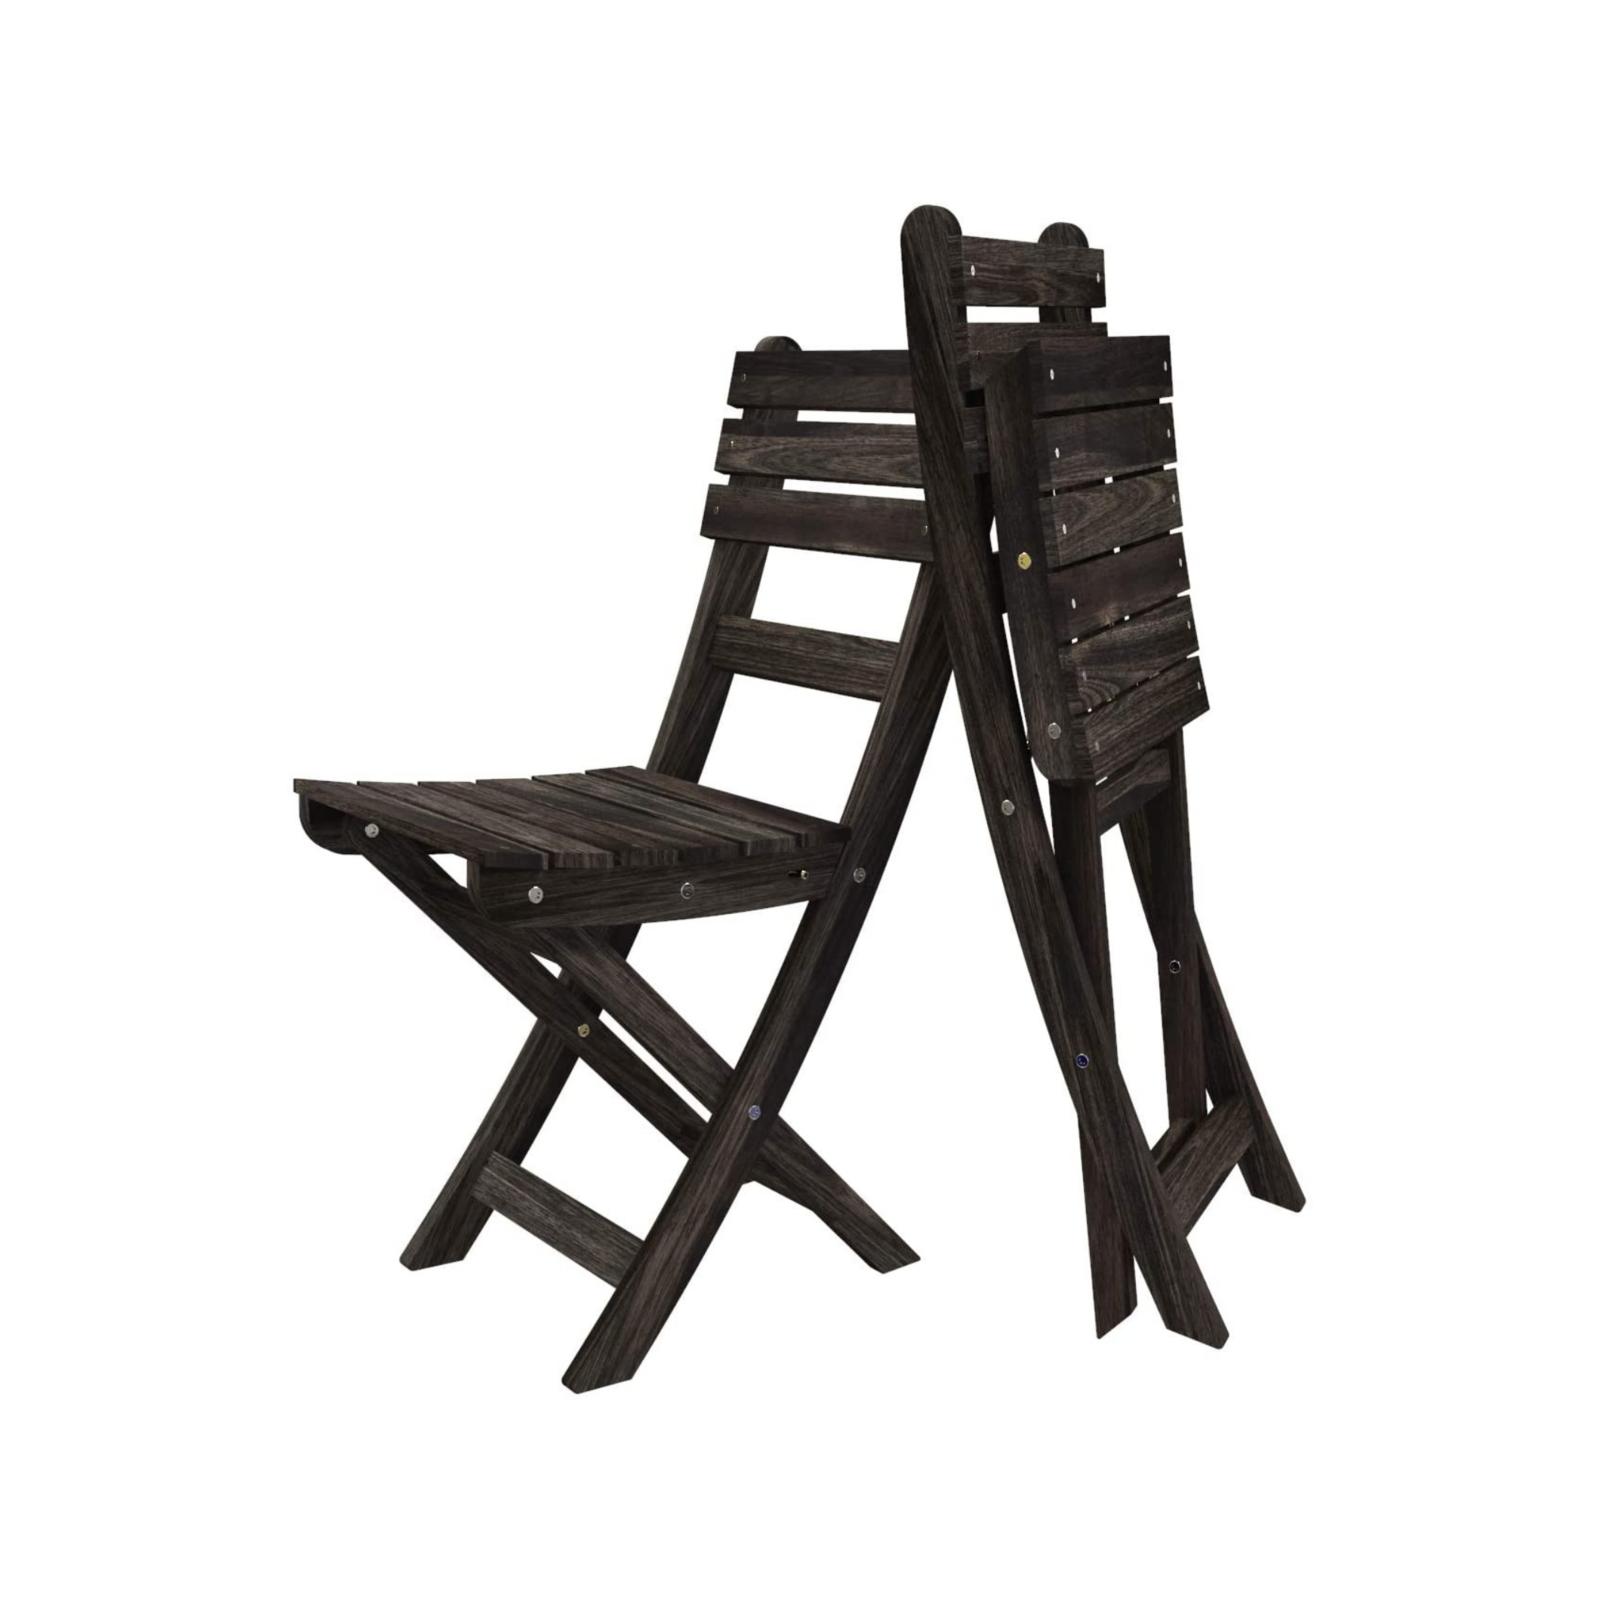 Interbuild Espresso Sofia Folding Chair - 2 Pack